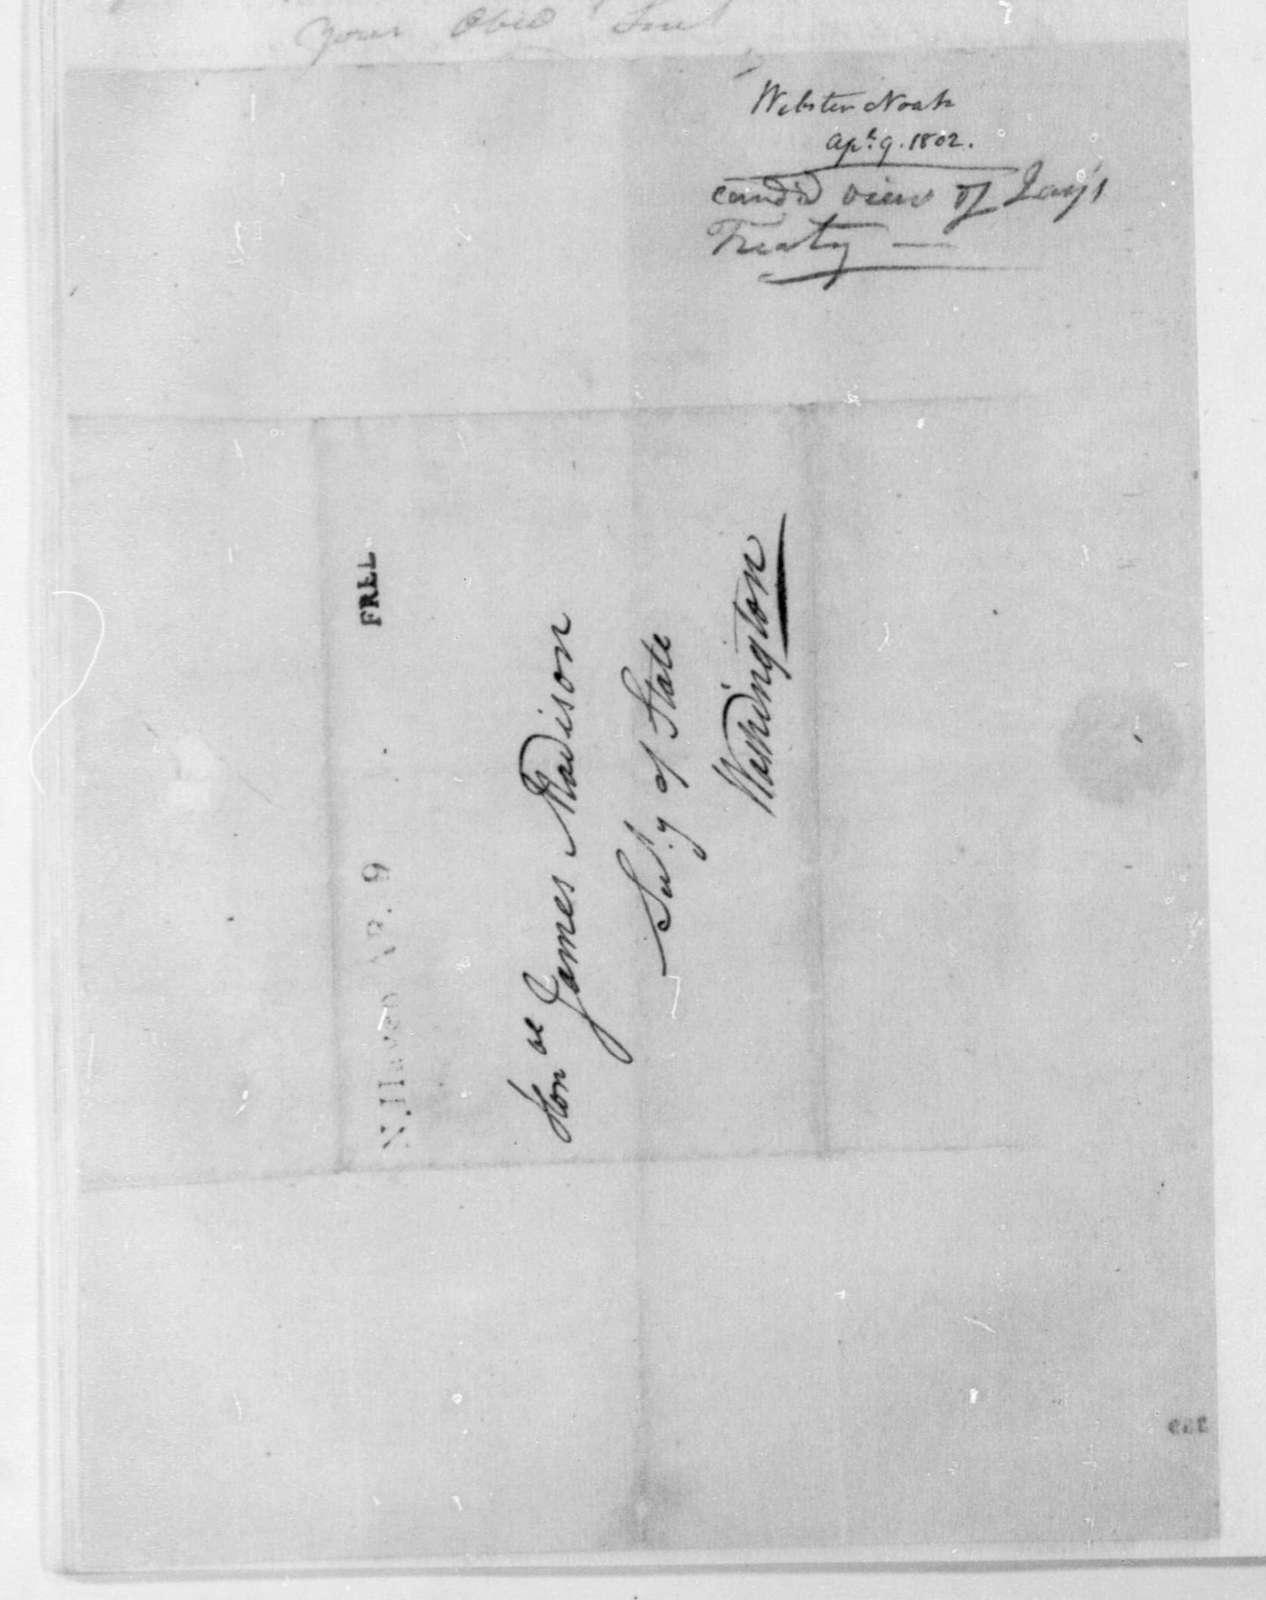 Noah Webster to James Madison, April 9, 1802.